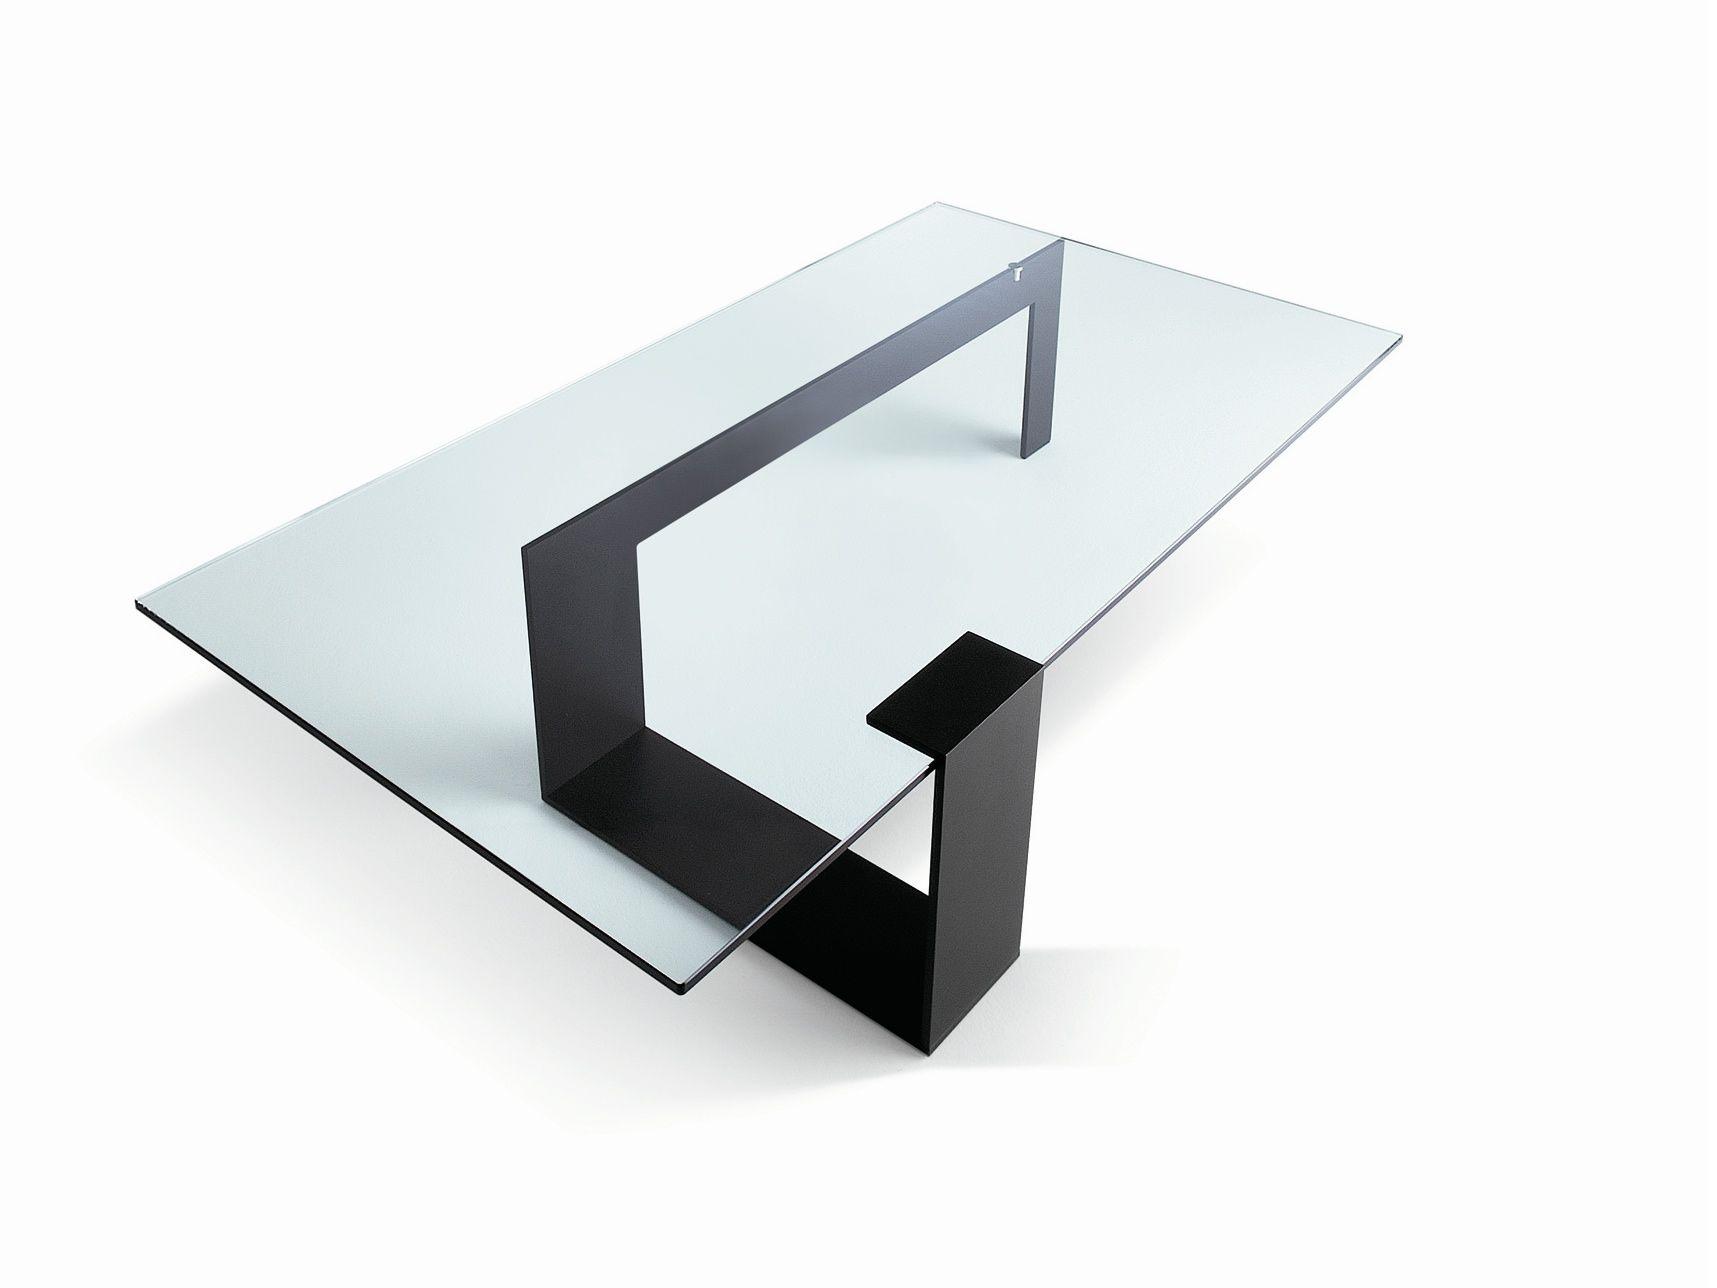 Table Basse Rectangulaire En Verre Trempe Longueur 110 Cm Cristal